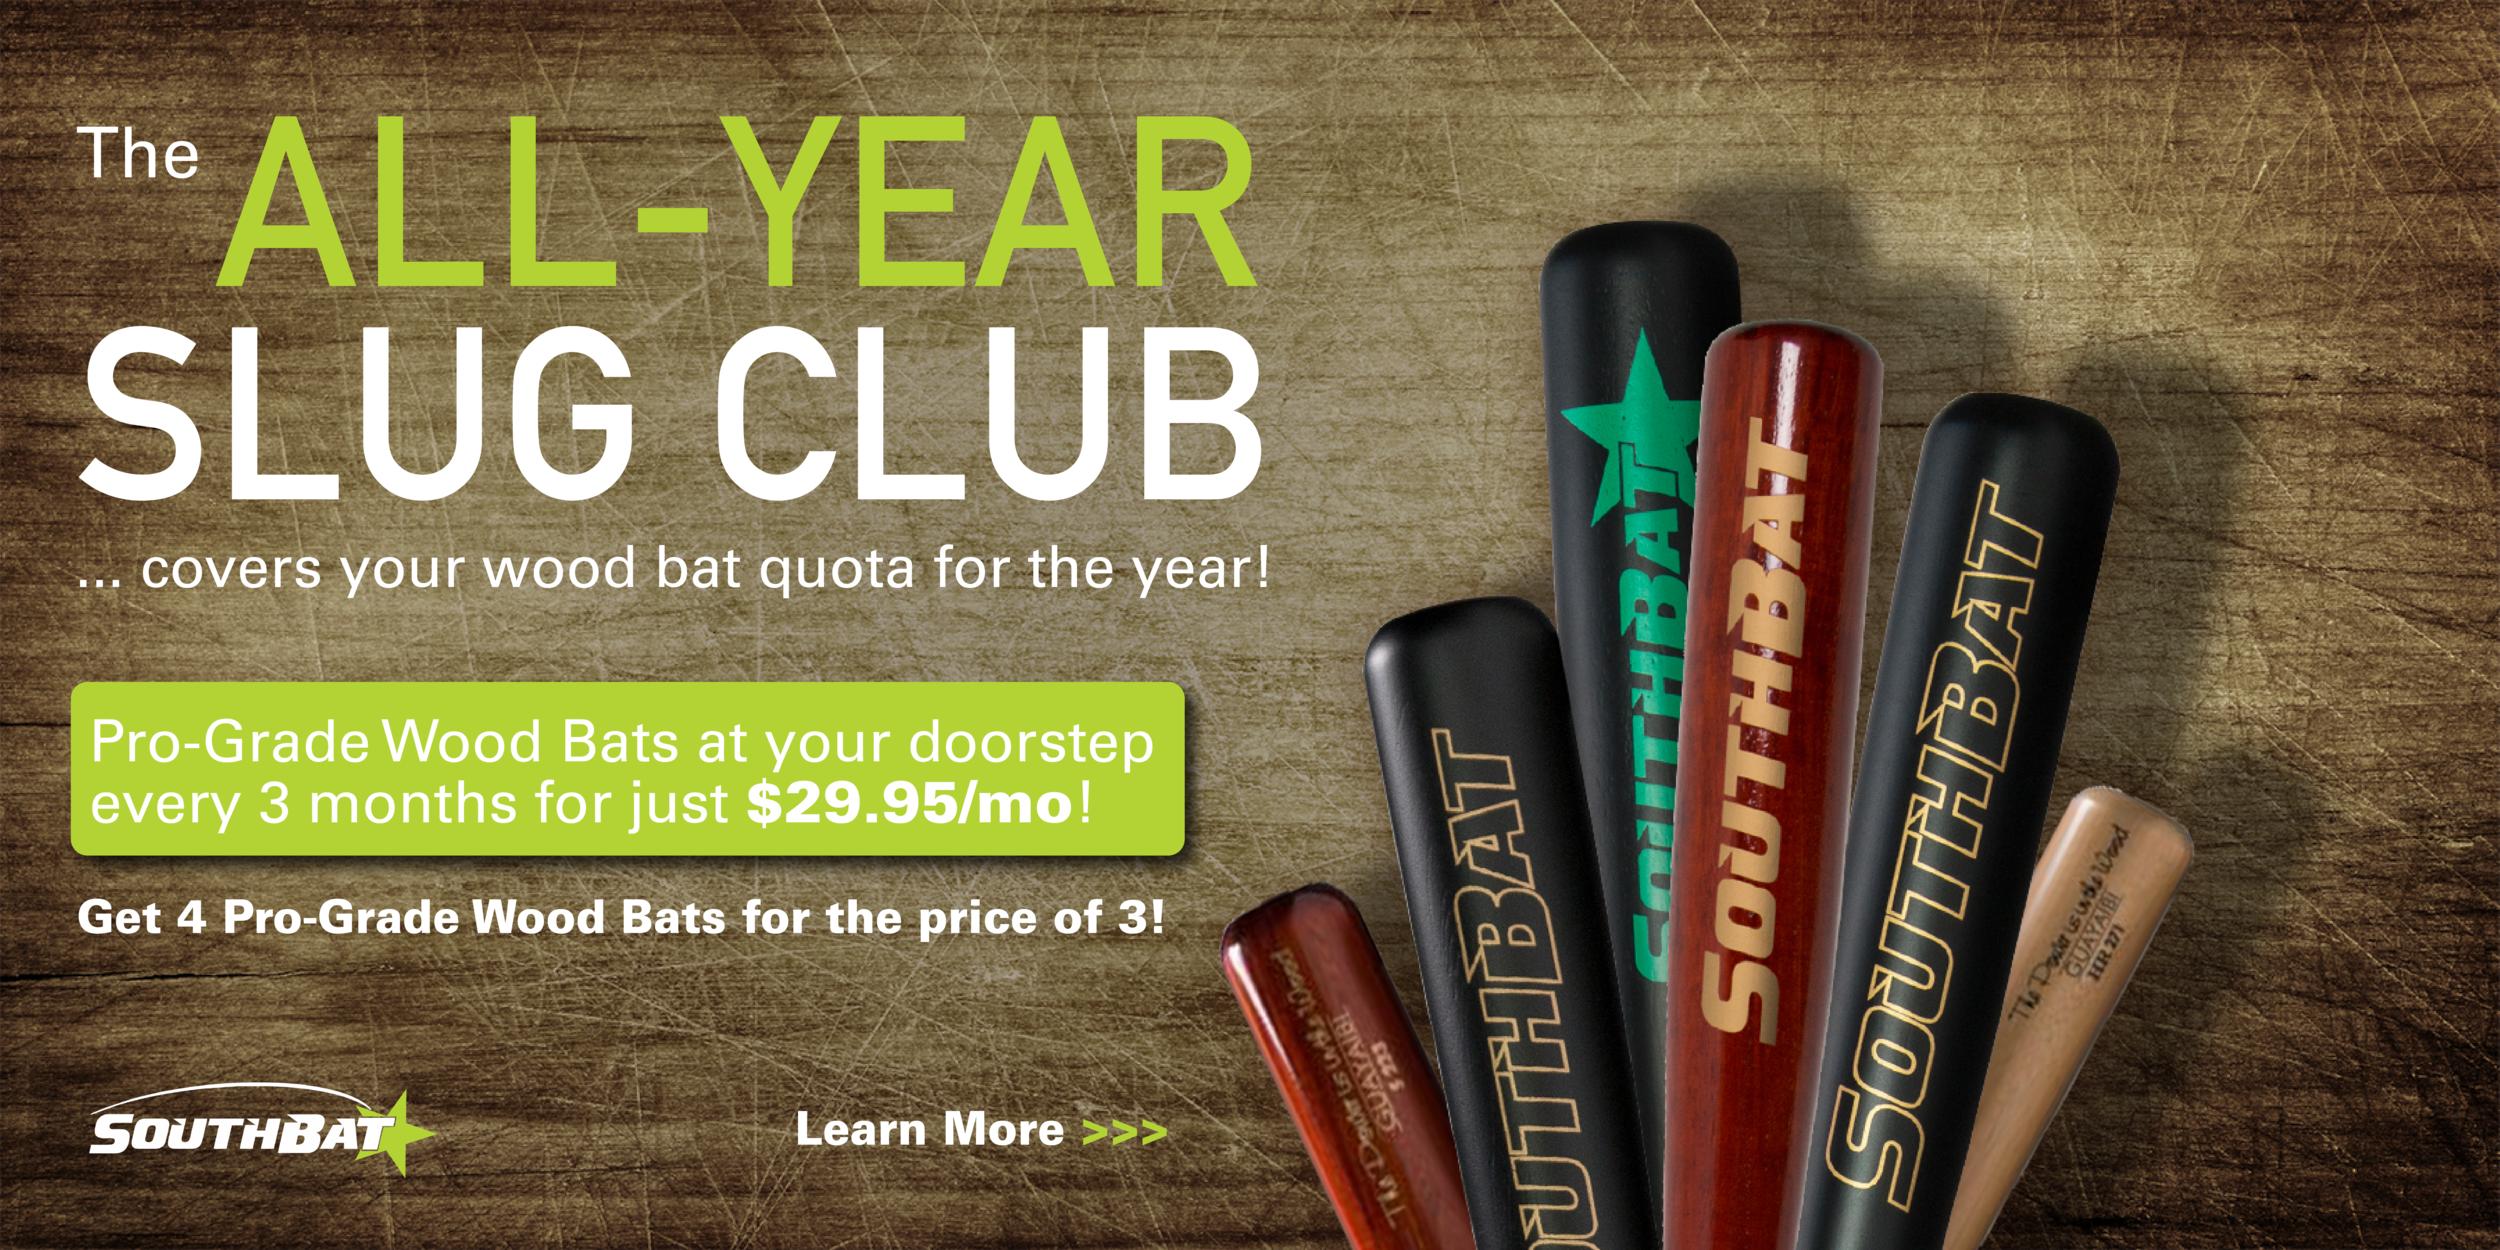 Southbat all-year slug club.png